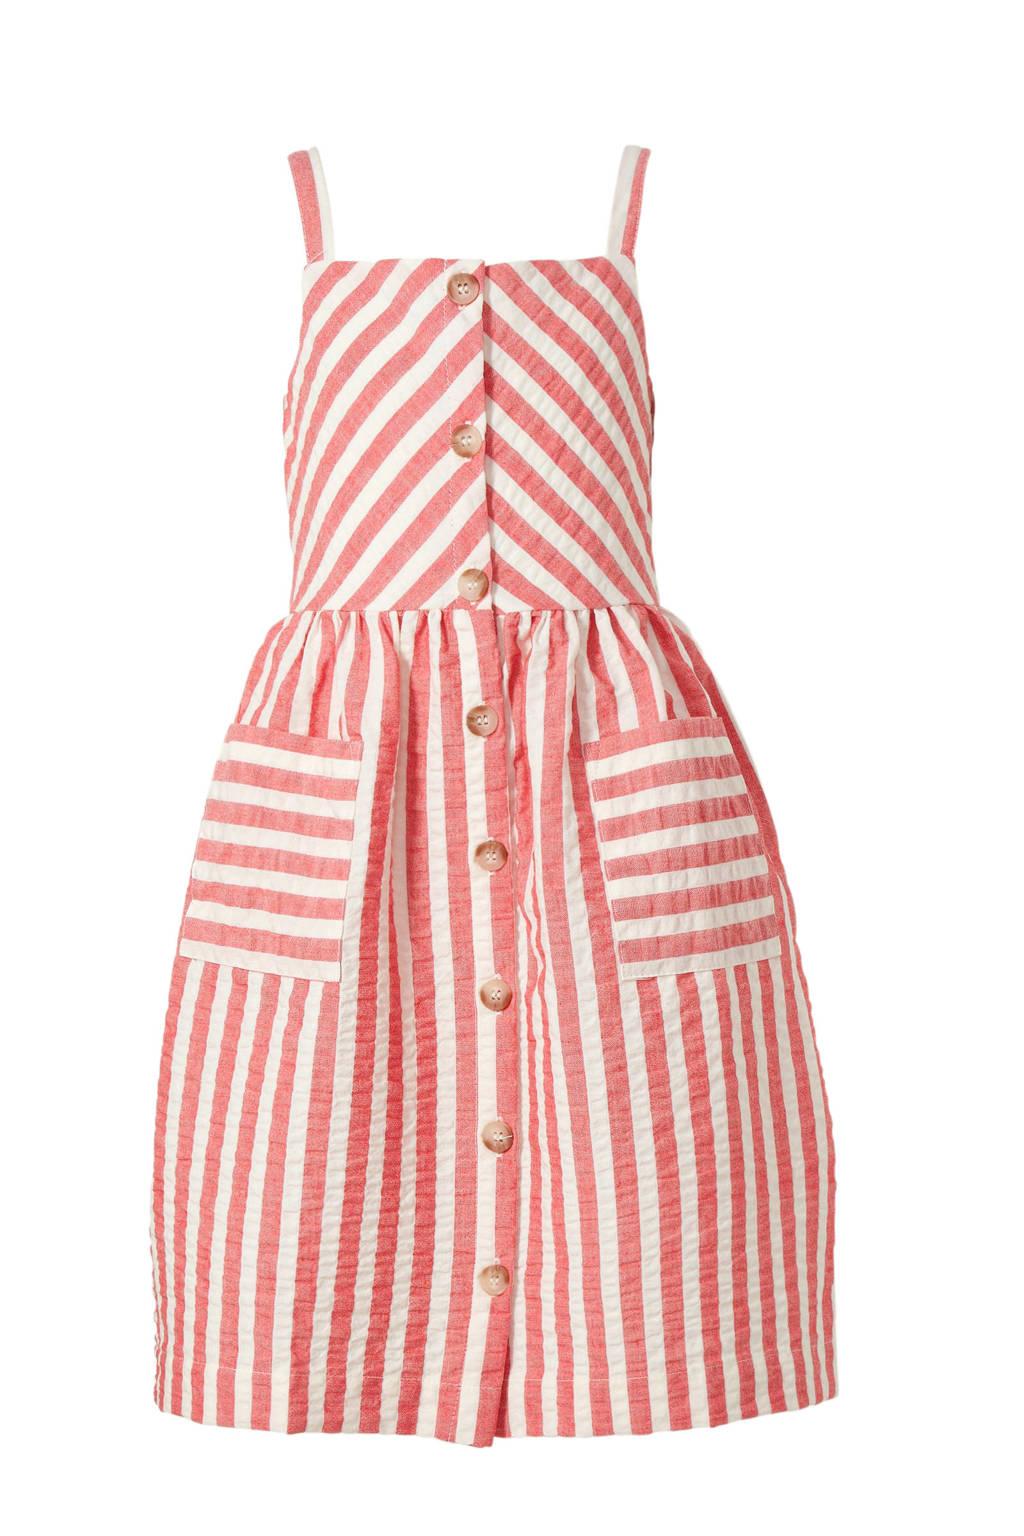 Mango Kids gestreepte jurk roze, Roze/wit